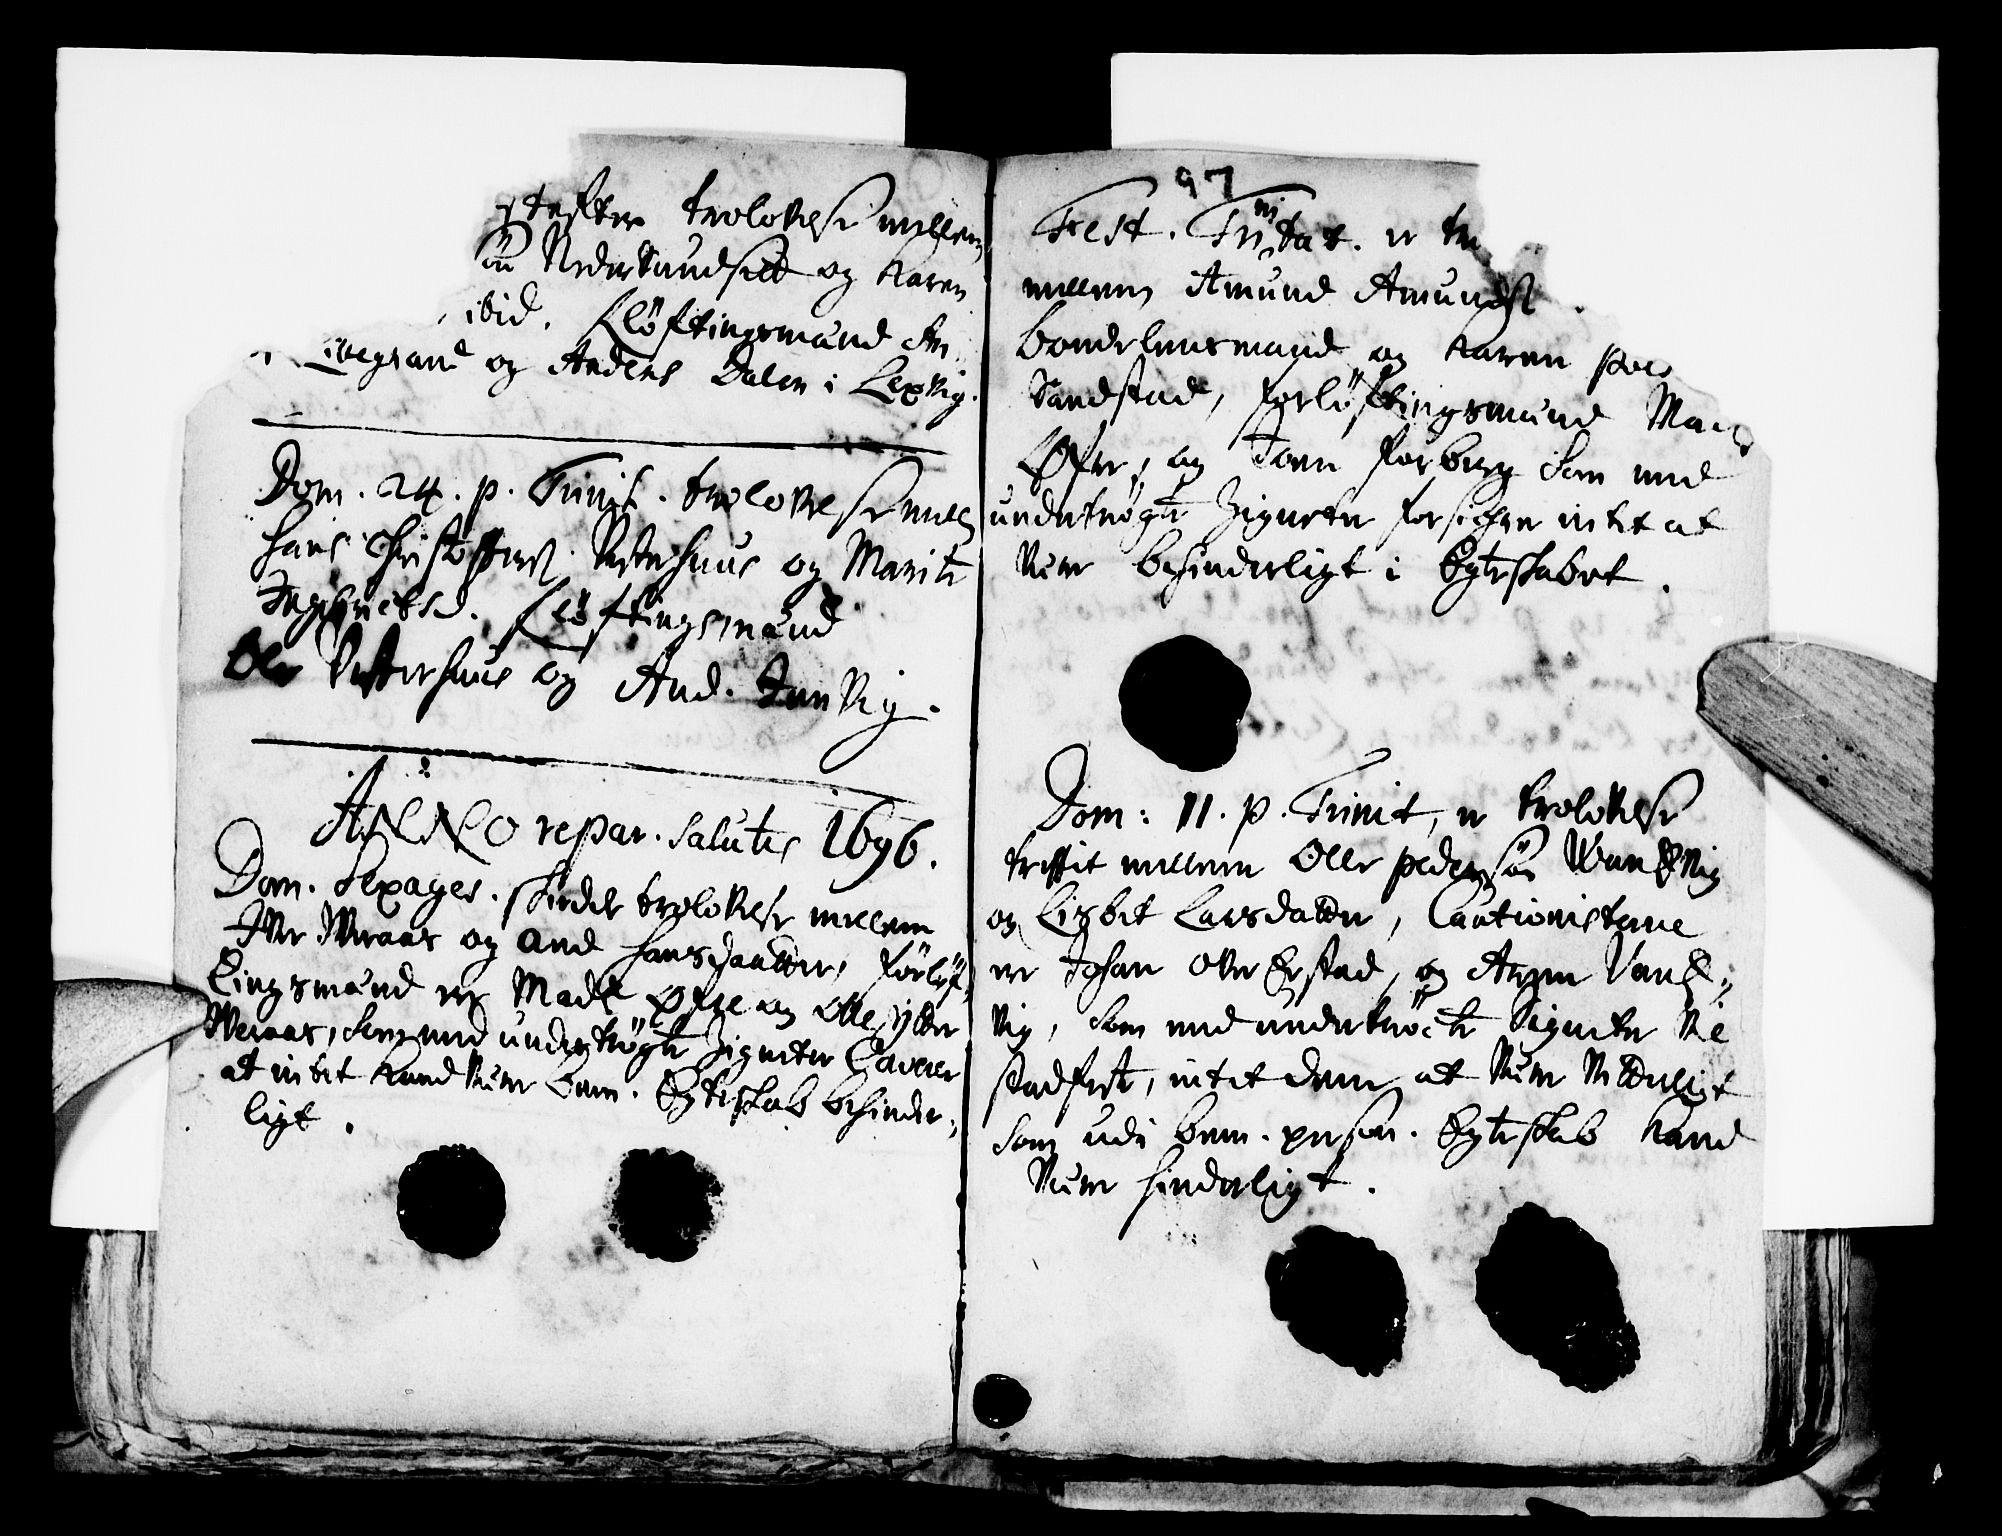 SAT, Ministerialprotokoller, klokkerbøker og fødselsregistre - Nord-Trøndelag, 722/L0214: Ministerialbok nr. 722A01, 1692-1718, s. 97